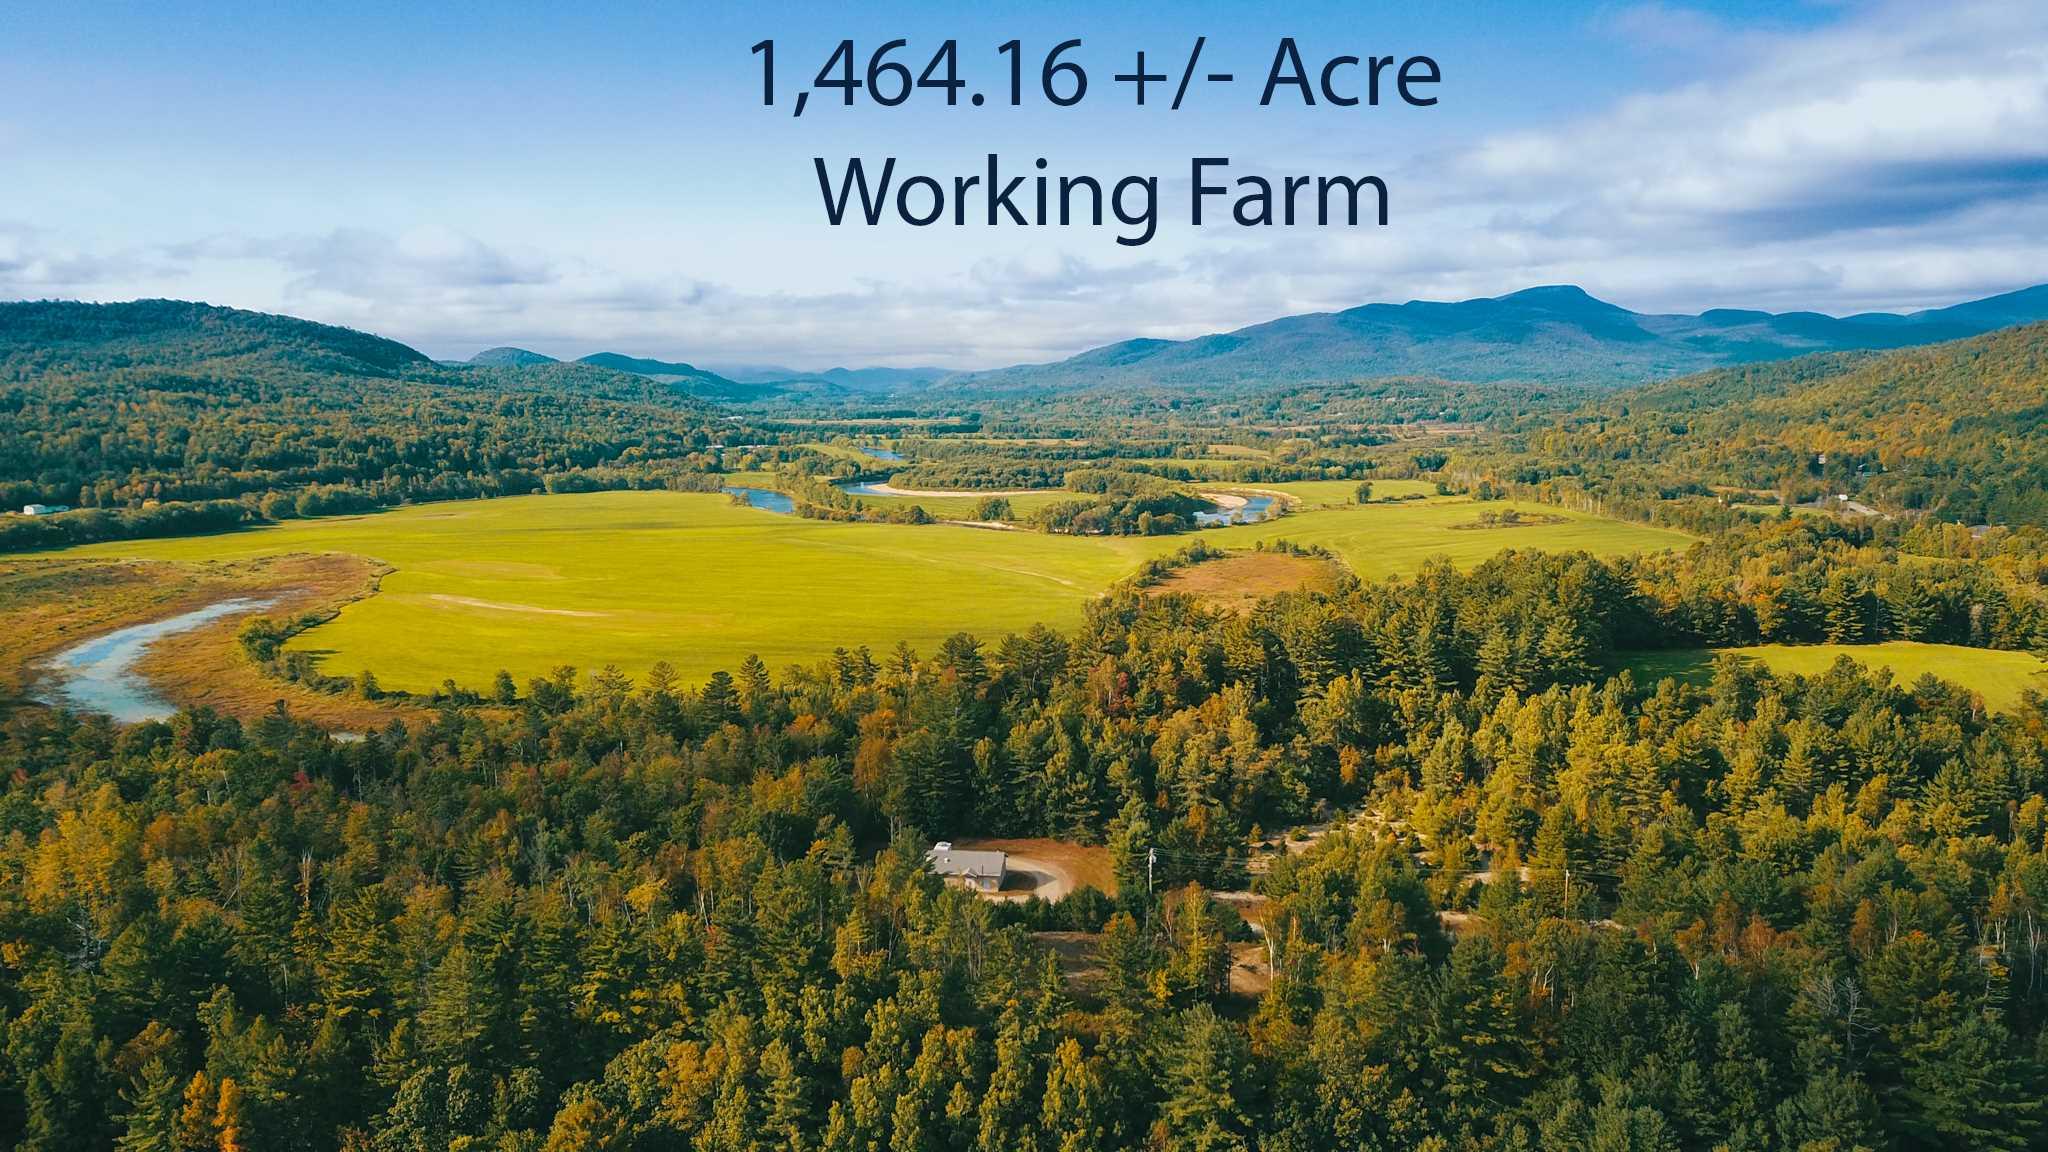 1,464.16+/- Acre Farm